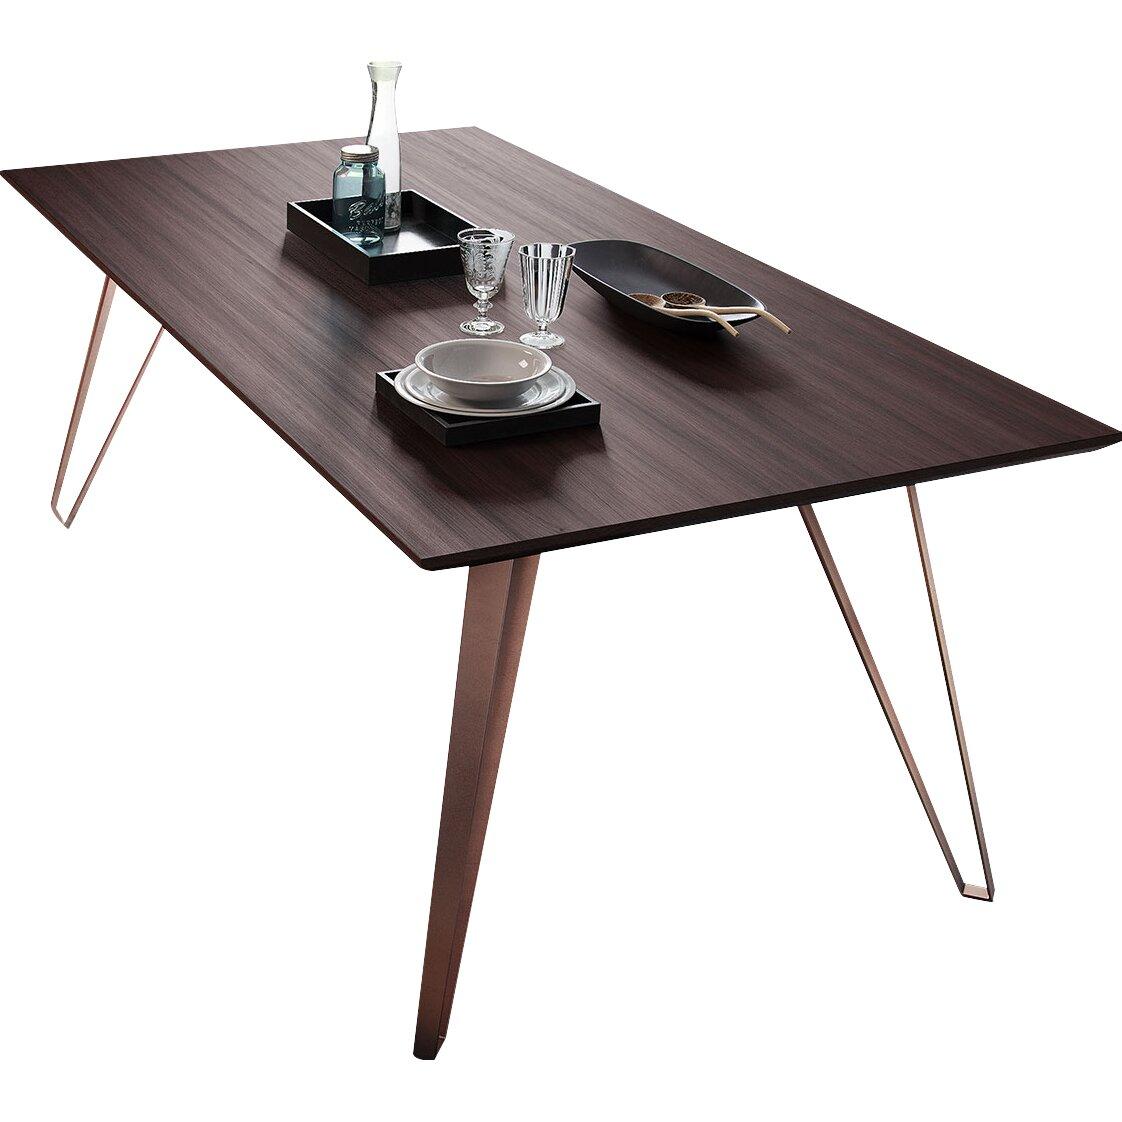 modloft grand dining table wayfair. Black Bedroom Furniture Sets. Home Design Ideas